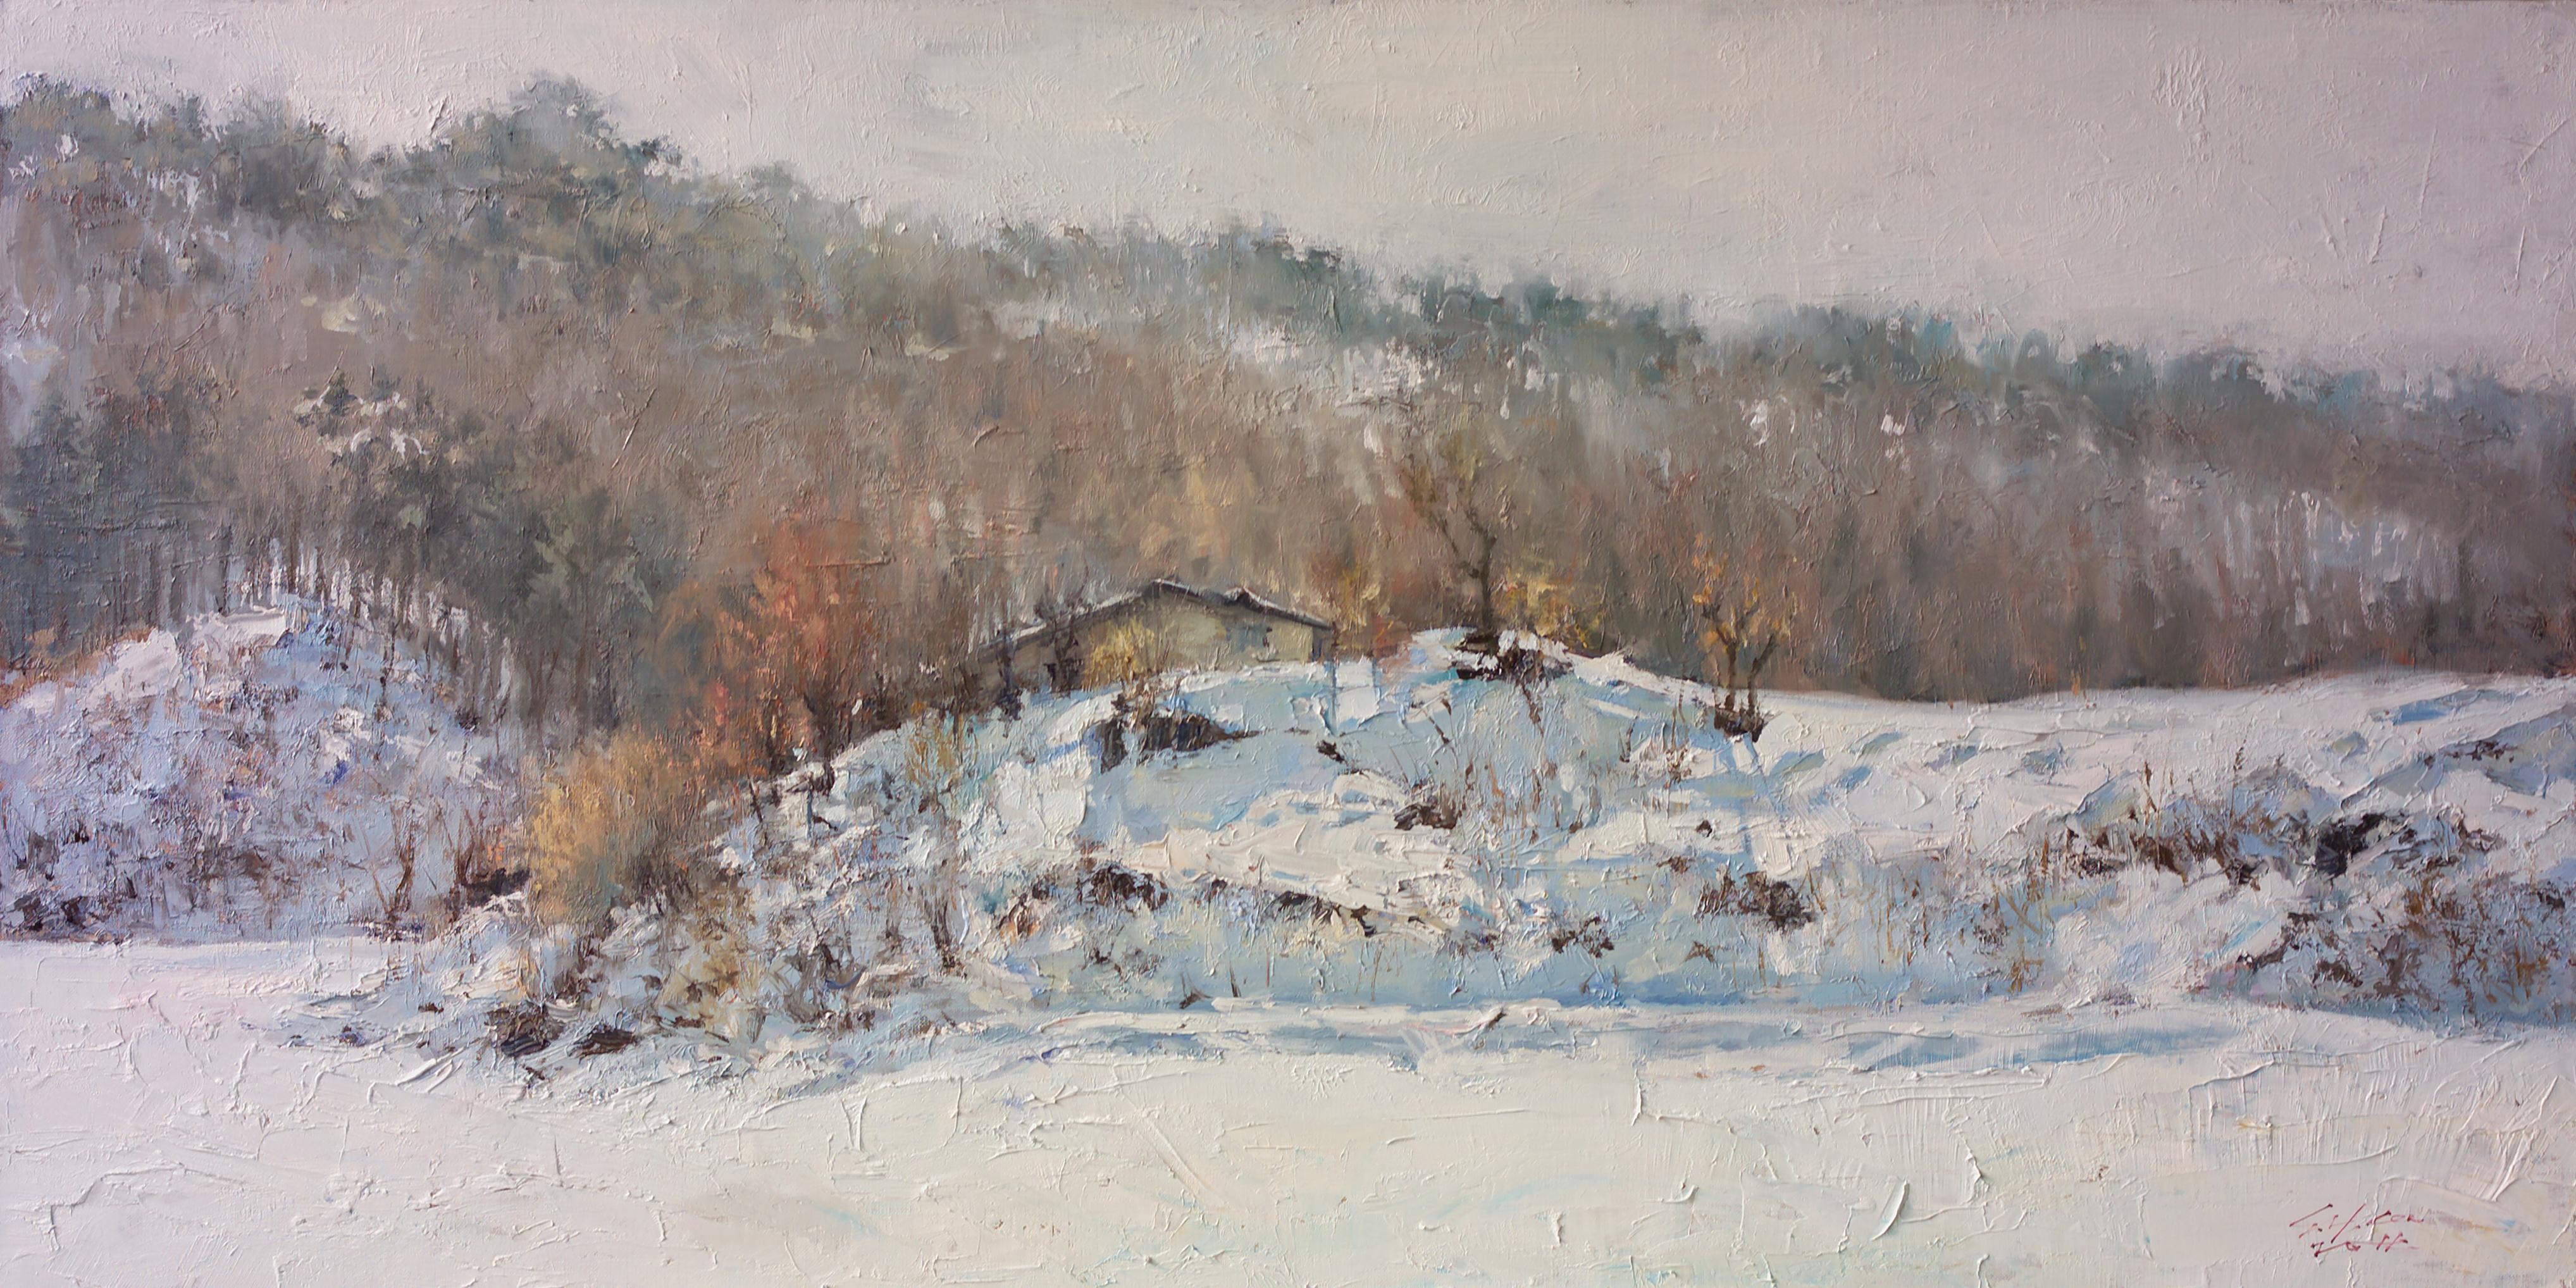 겨울빛120x60 Oil on canvas 2012